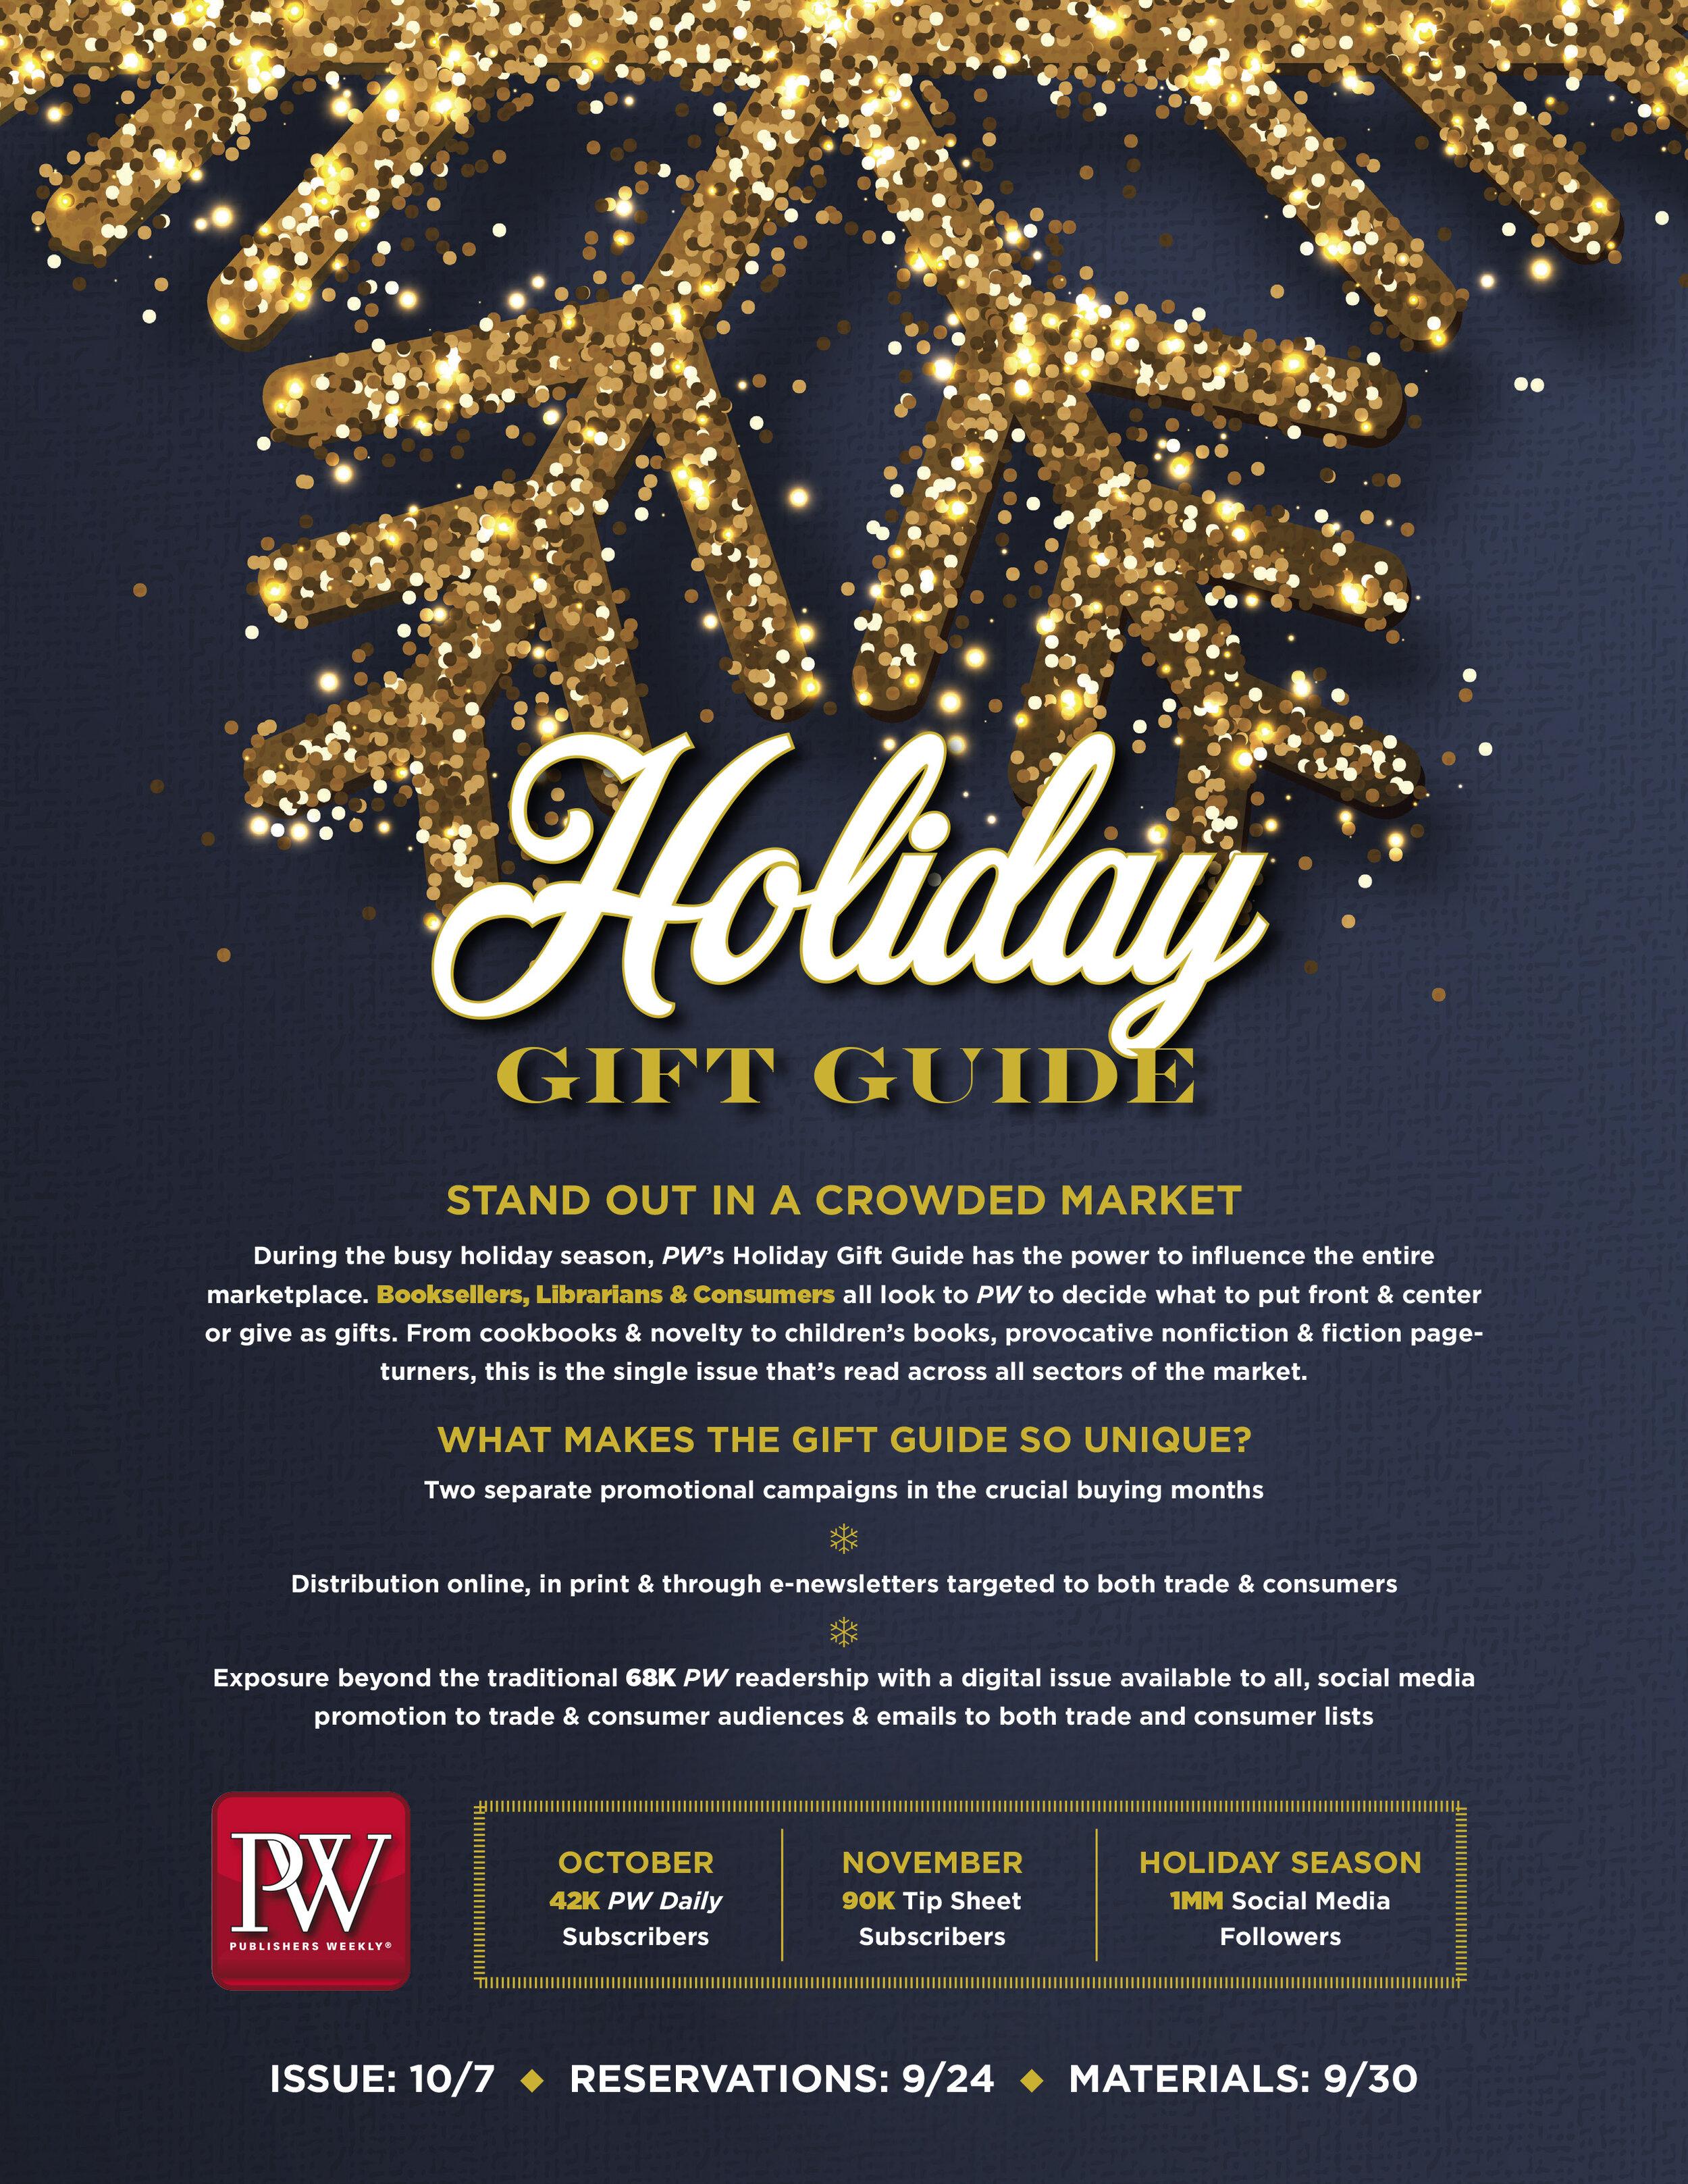 gift.guide.final.jpg